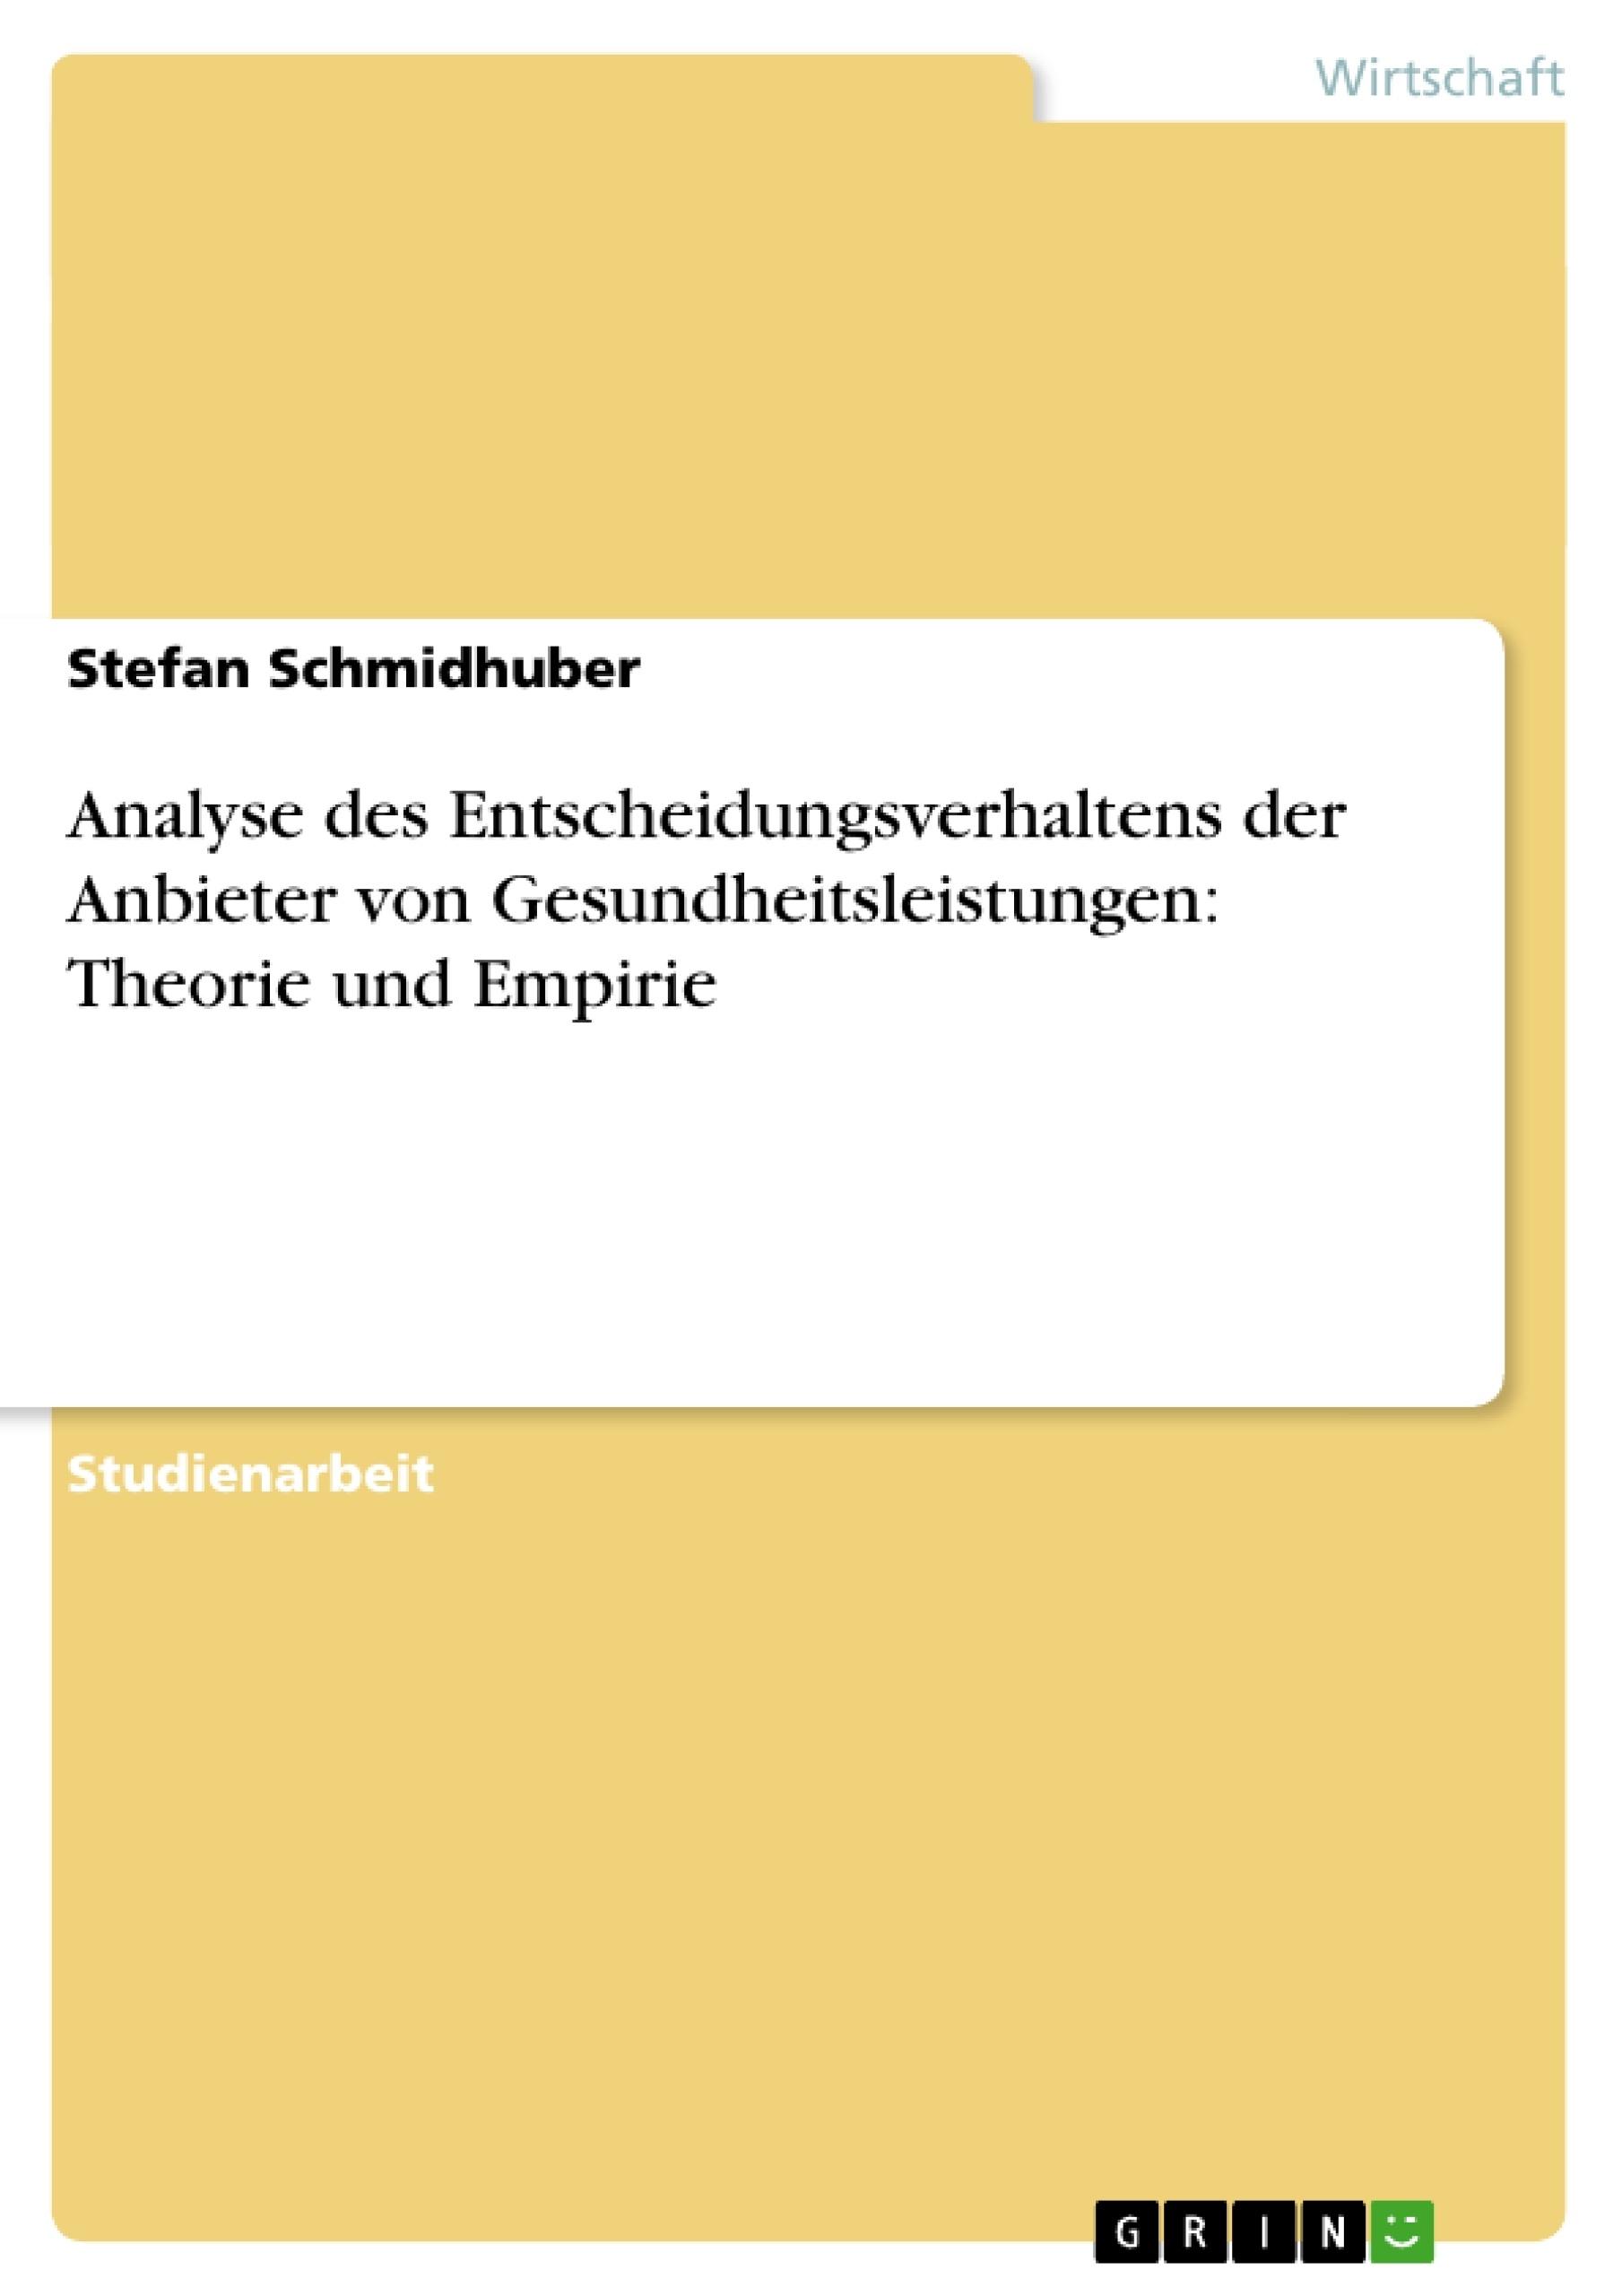 Titel: Analyse des Entscheidungsverhaltens der Anbieter von Gesundheitsleistungen: Theorie und Empirie